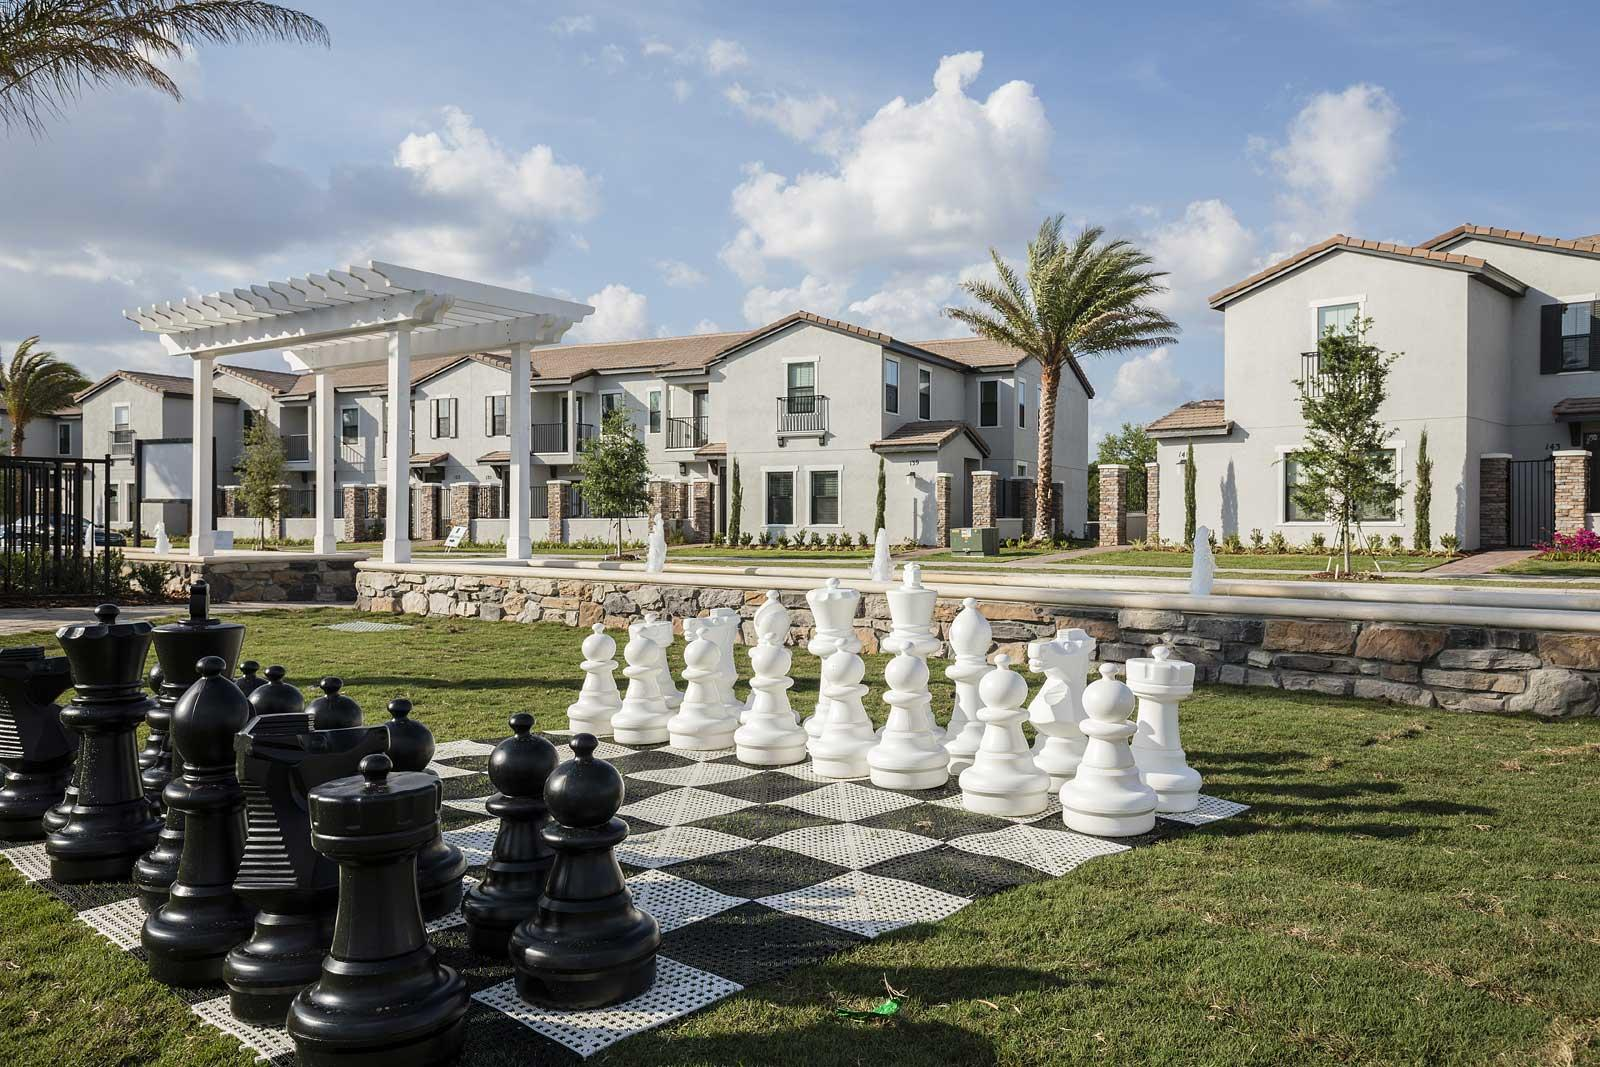 Balmoral Resort Florida image 2